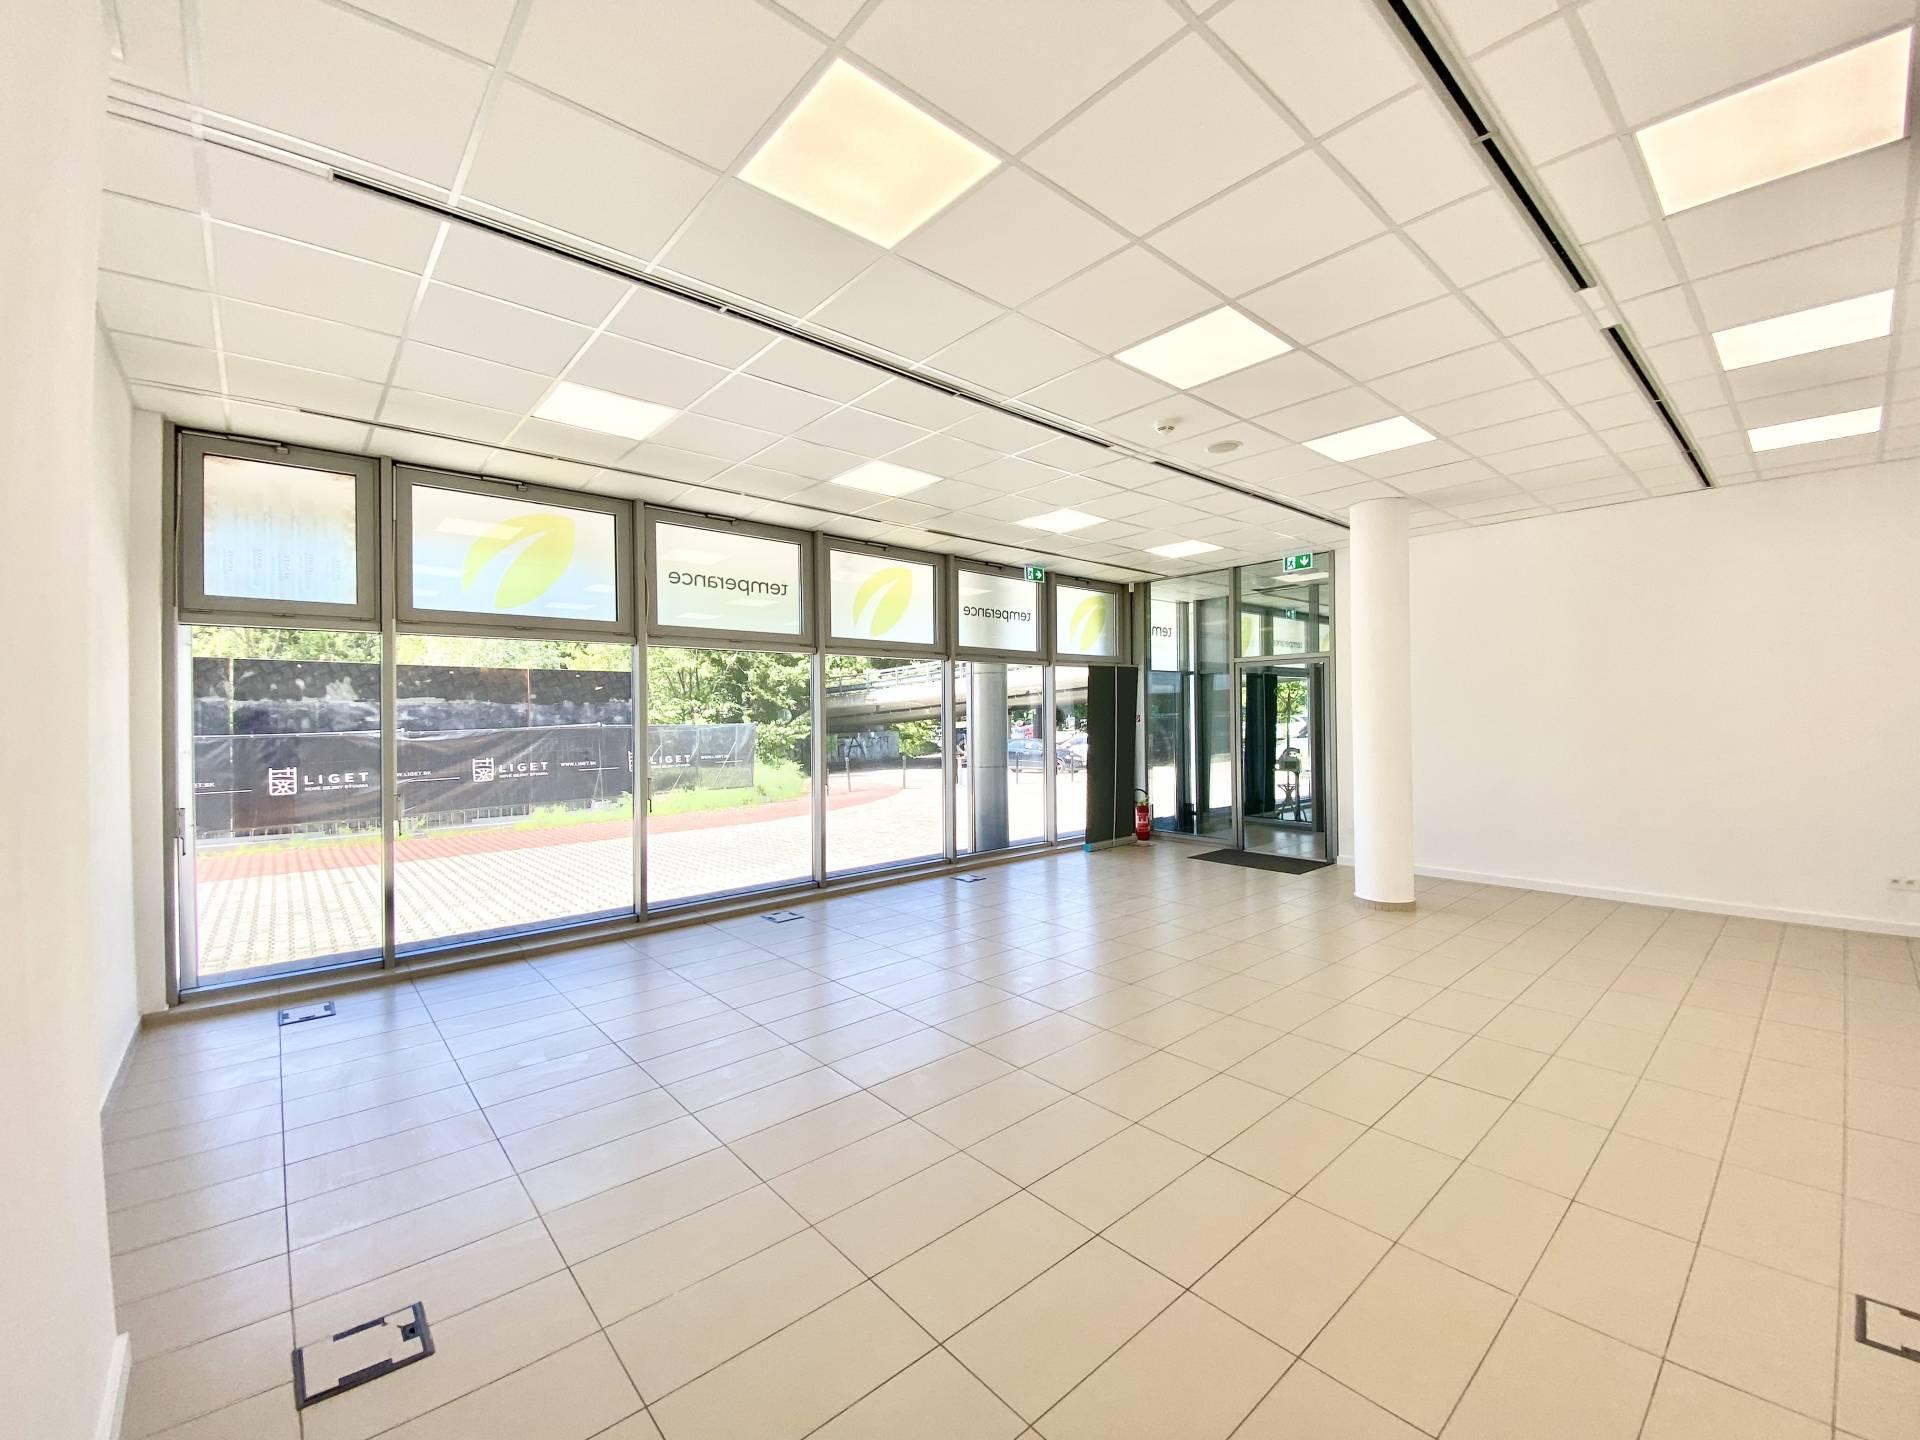 NA PRENÁJOM: moderný kancelársky priestor vo výbornej lokalite pri AUPARKu